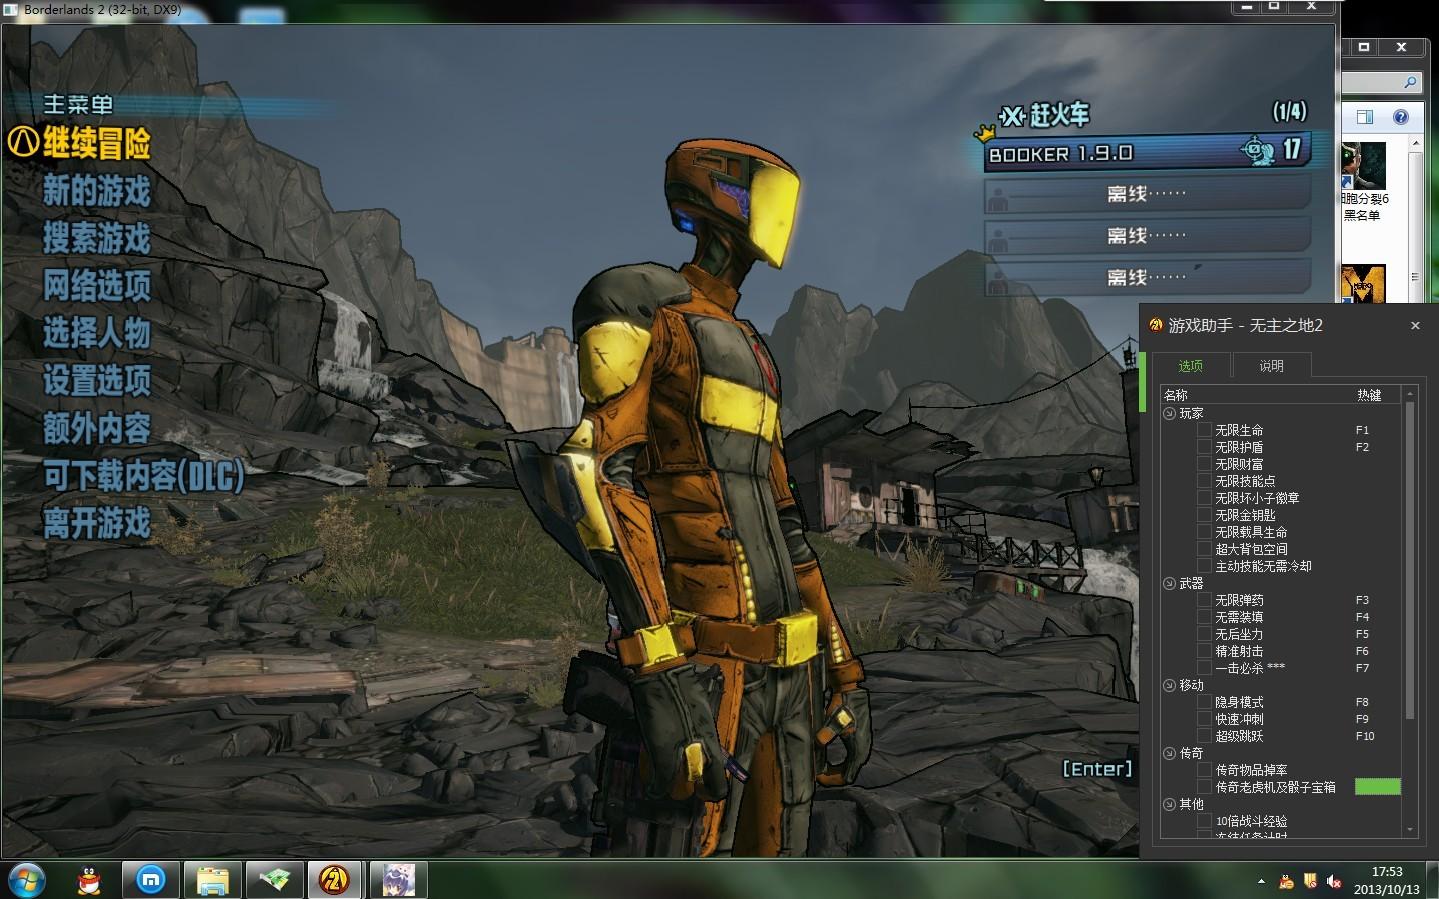 单机游戏《无主之地2》修改器问题